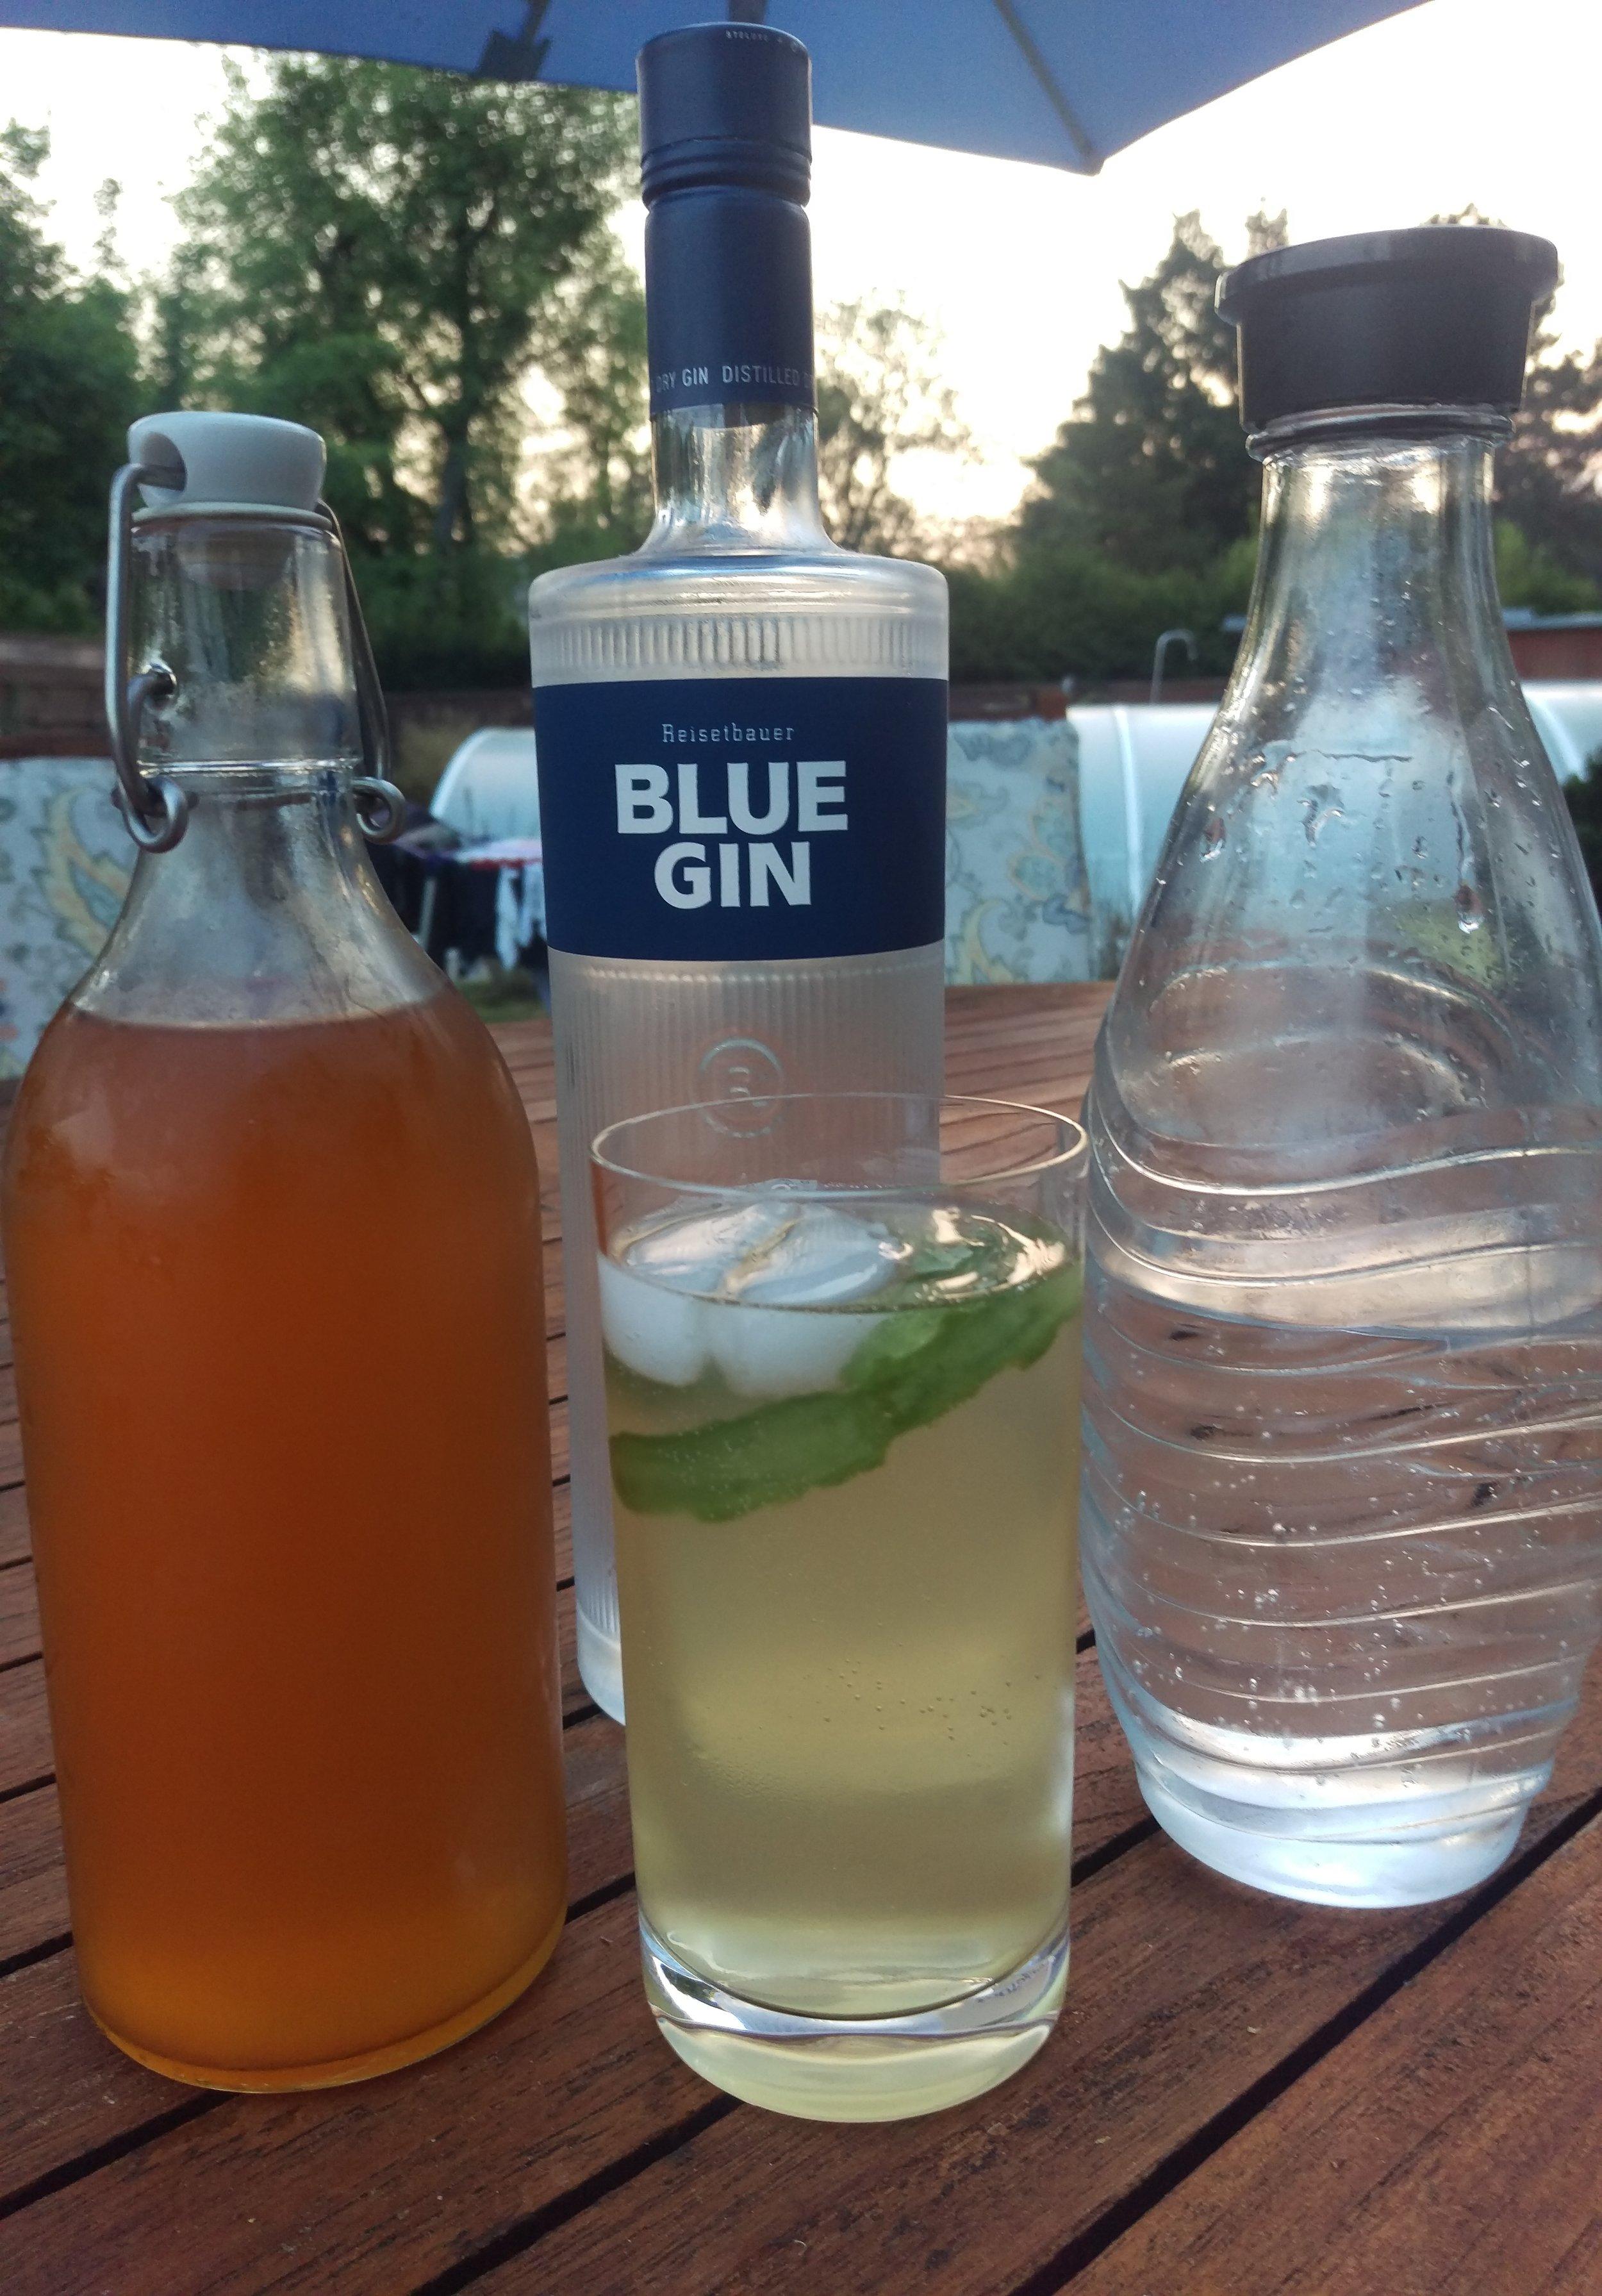 Gin Tonic - 60 ml London Dry Gin15 ml Tonic Sirup45 ml gekühltes Sodawasserin ein Glas geben, umrühren undmit Eis auffüllen.